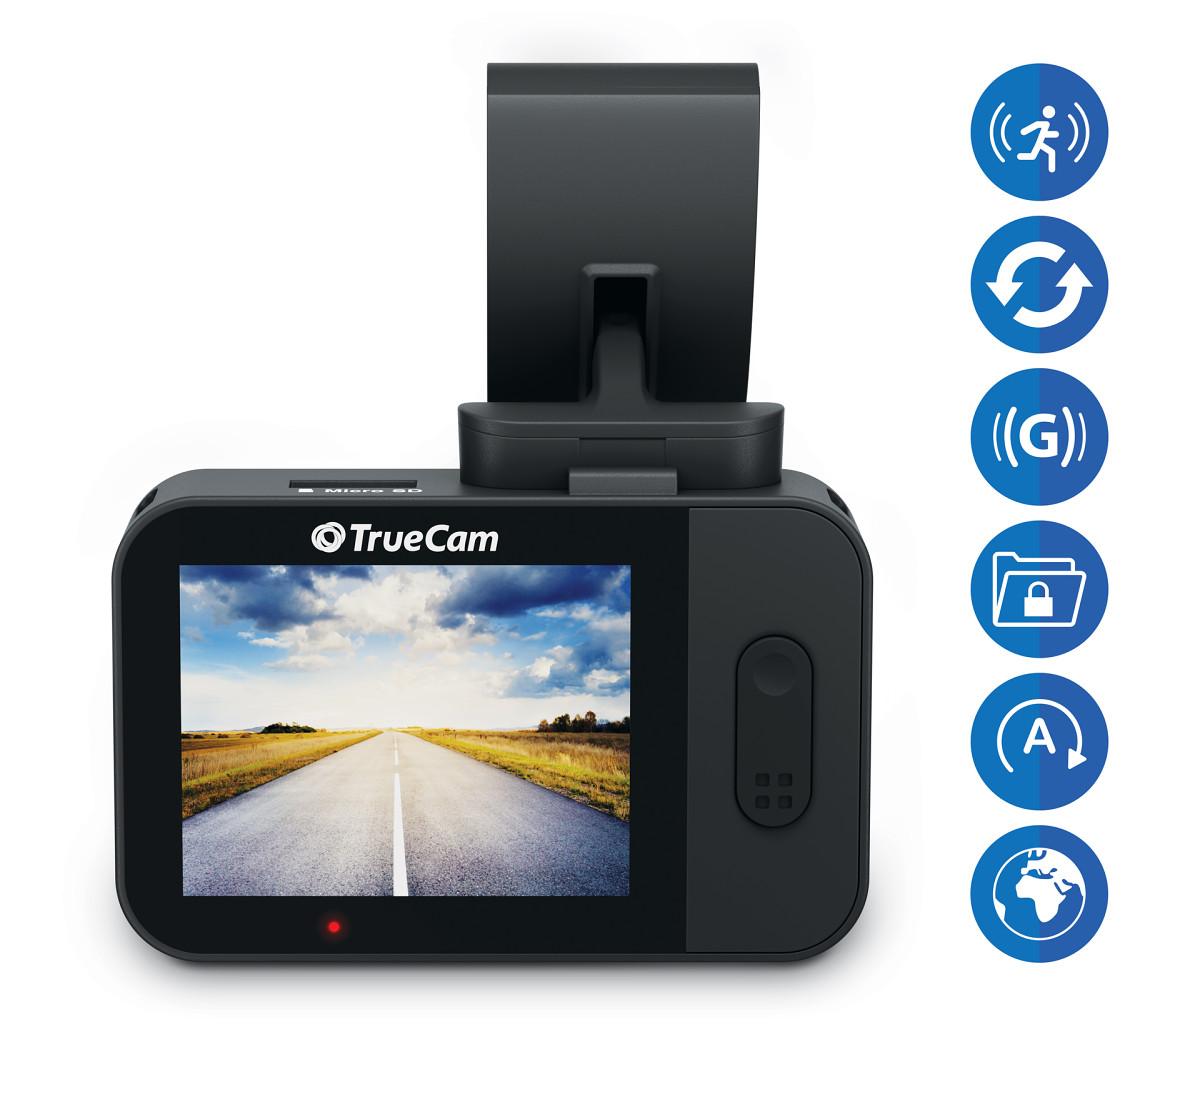 TrueCam M5 WiFi felszereltsége